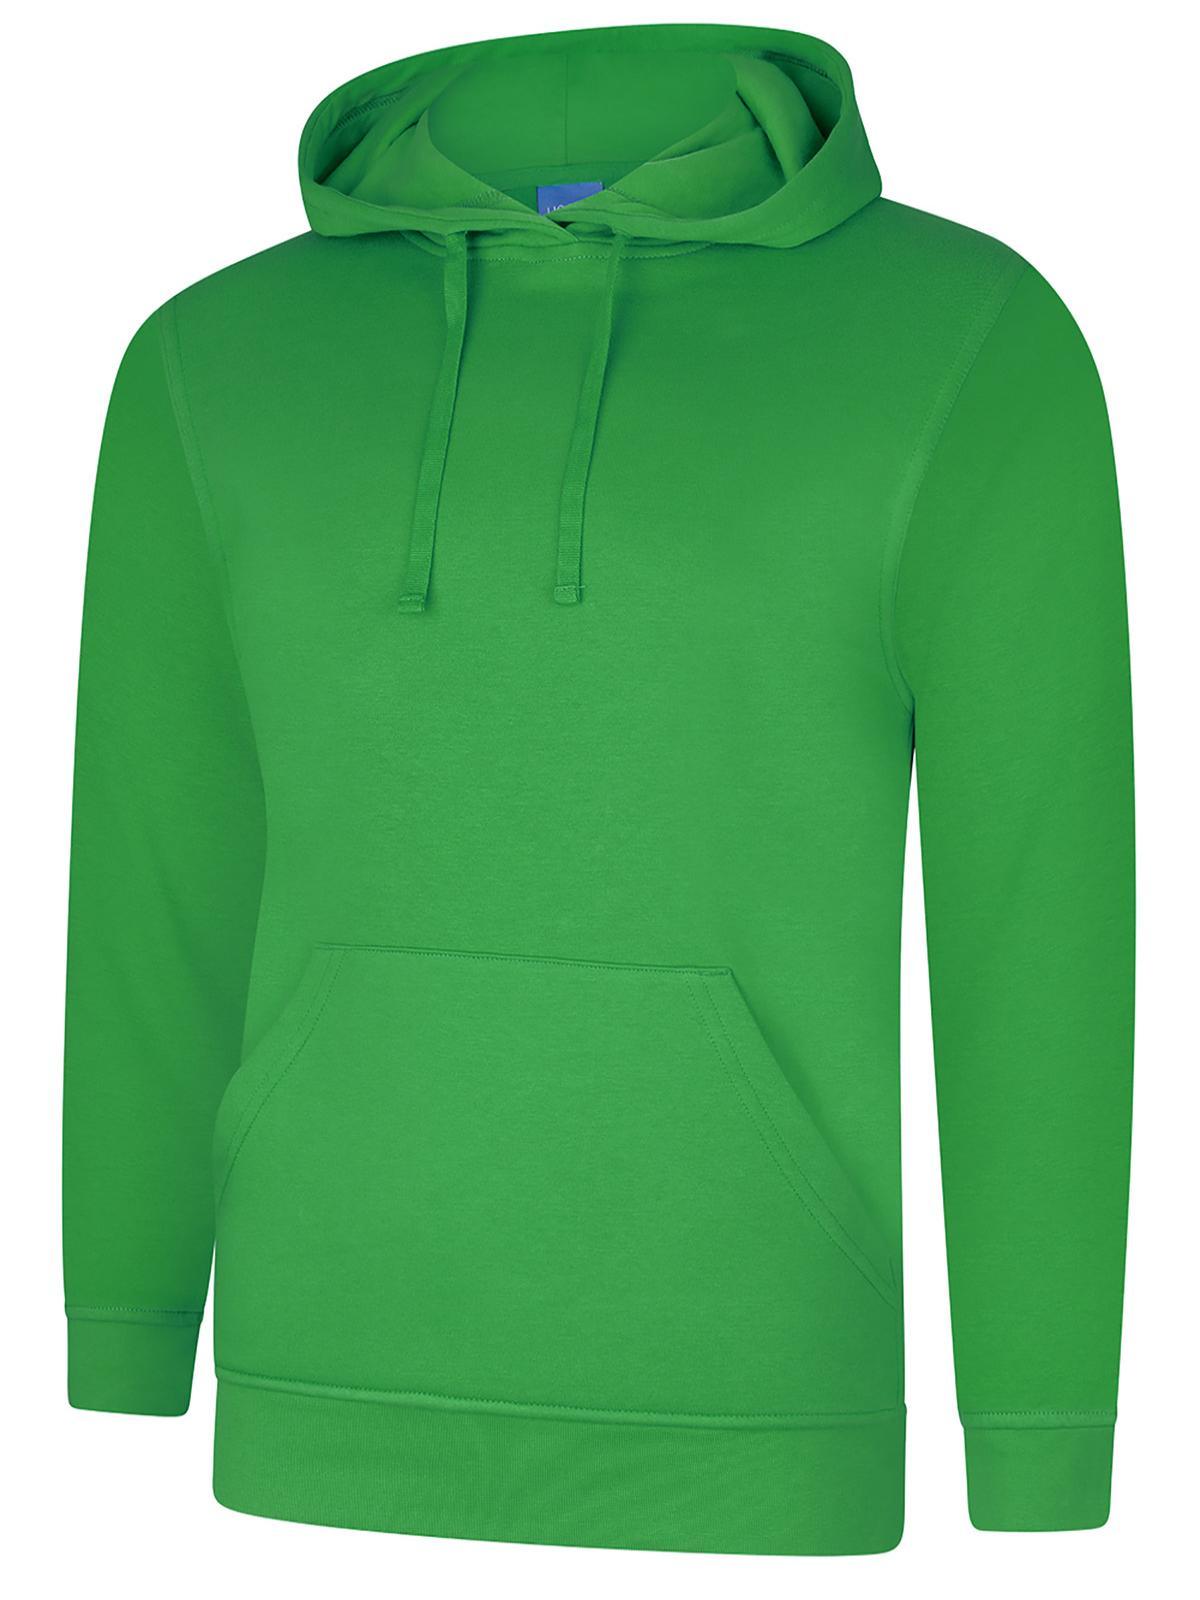 Deluxe Hooded Sweatshirt Workstuff Uk Limited